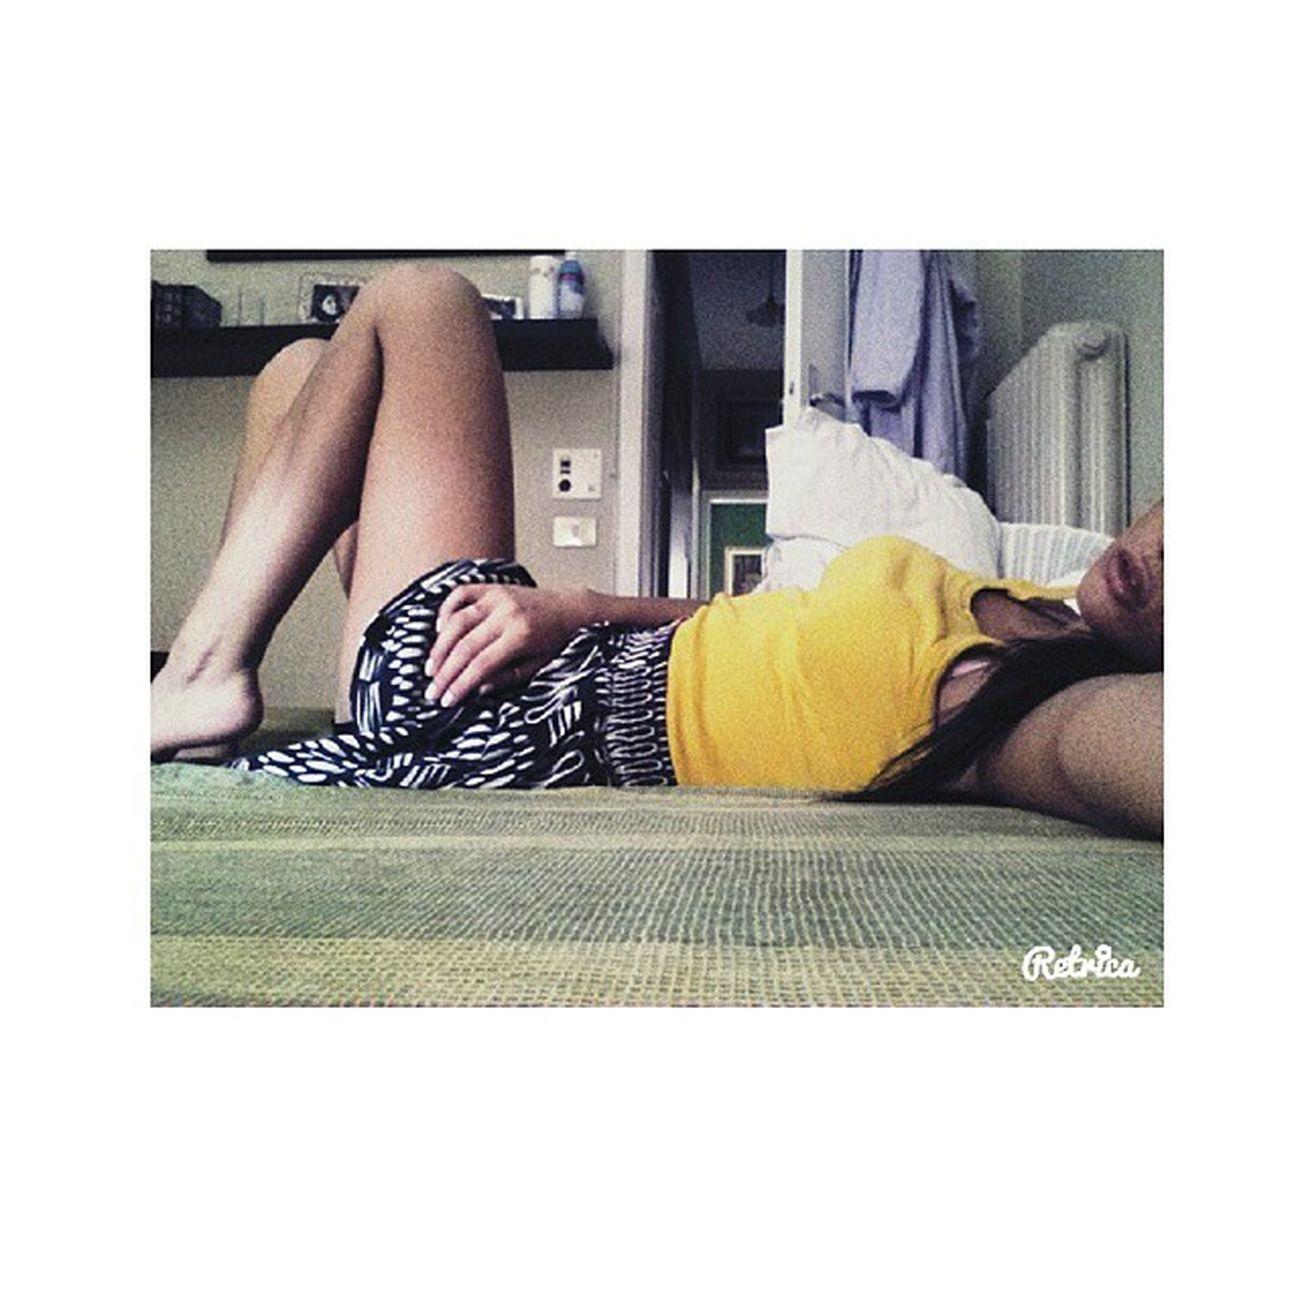 ' abbiamo combattuto troppo per non meriterci un po di rilasso adesso, finalmente in questo letto, come guerrieri, feriti, provati, sempre gli stessi ancora innamorati.. ' ⚫⚪ Selfie Instagram Andrew Instaphoto Love Song Puoitoccarmi Retrica